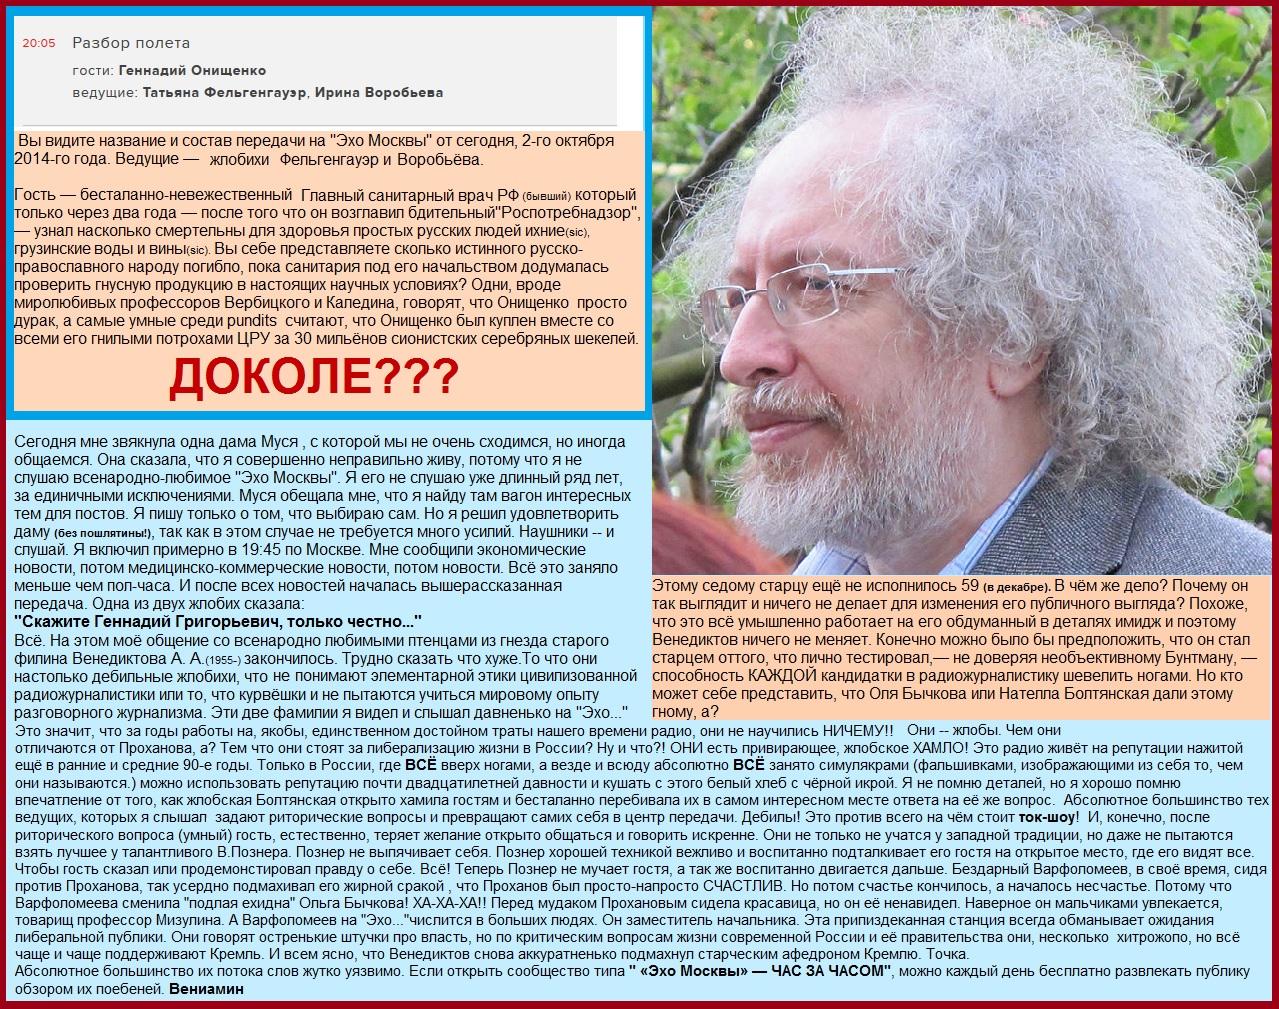 Эхо Москвы и Венедиктов